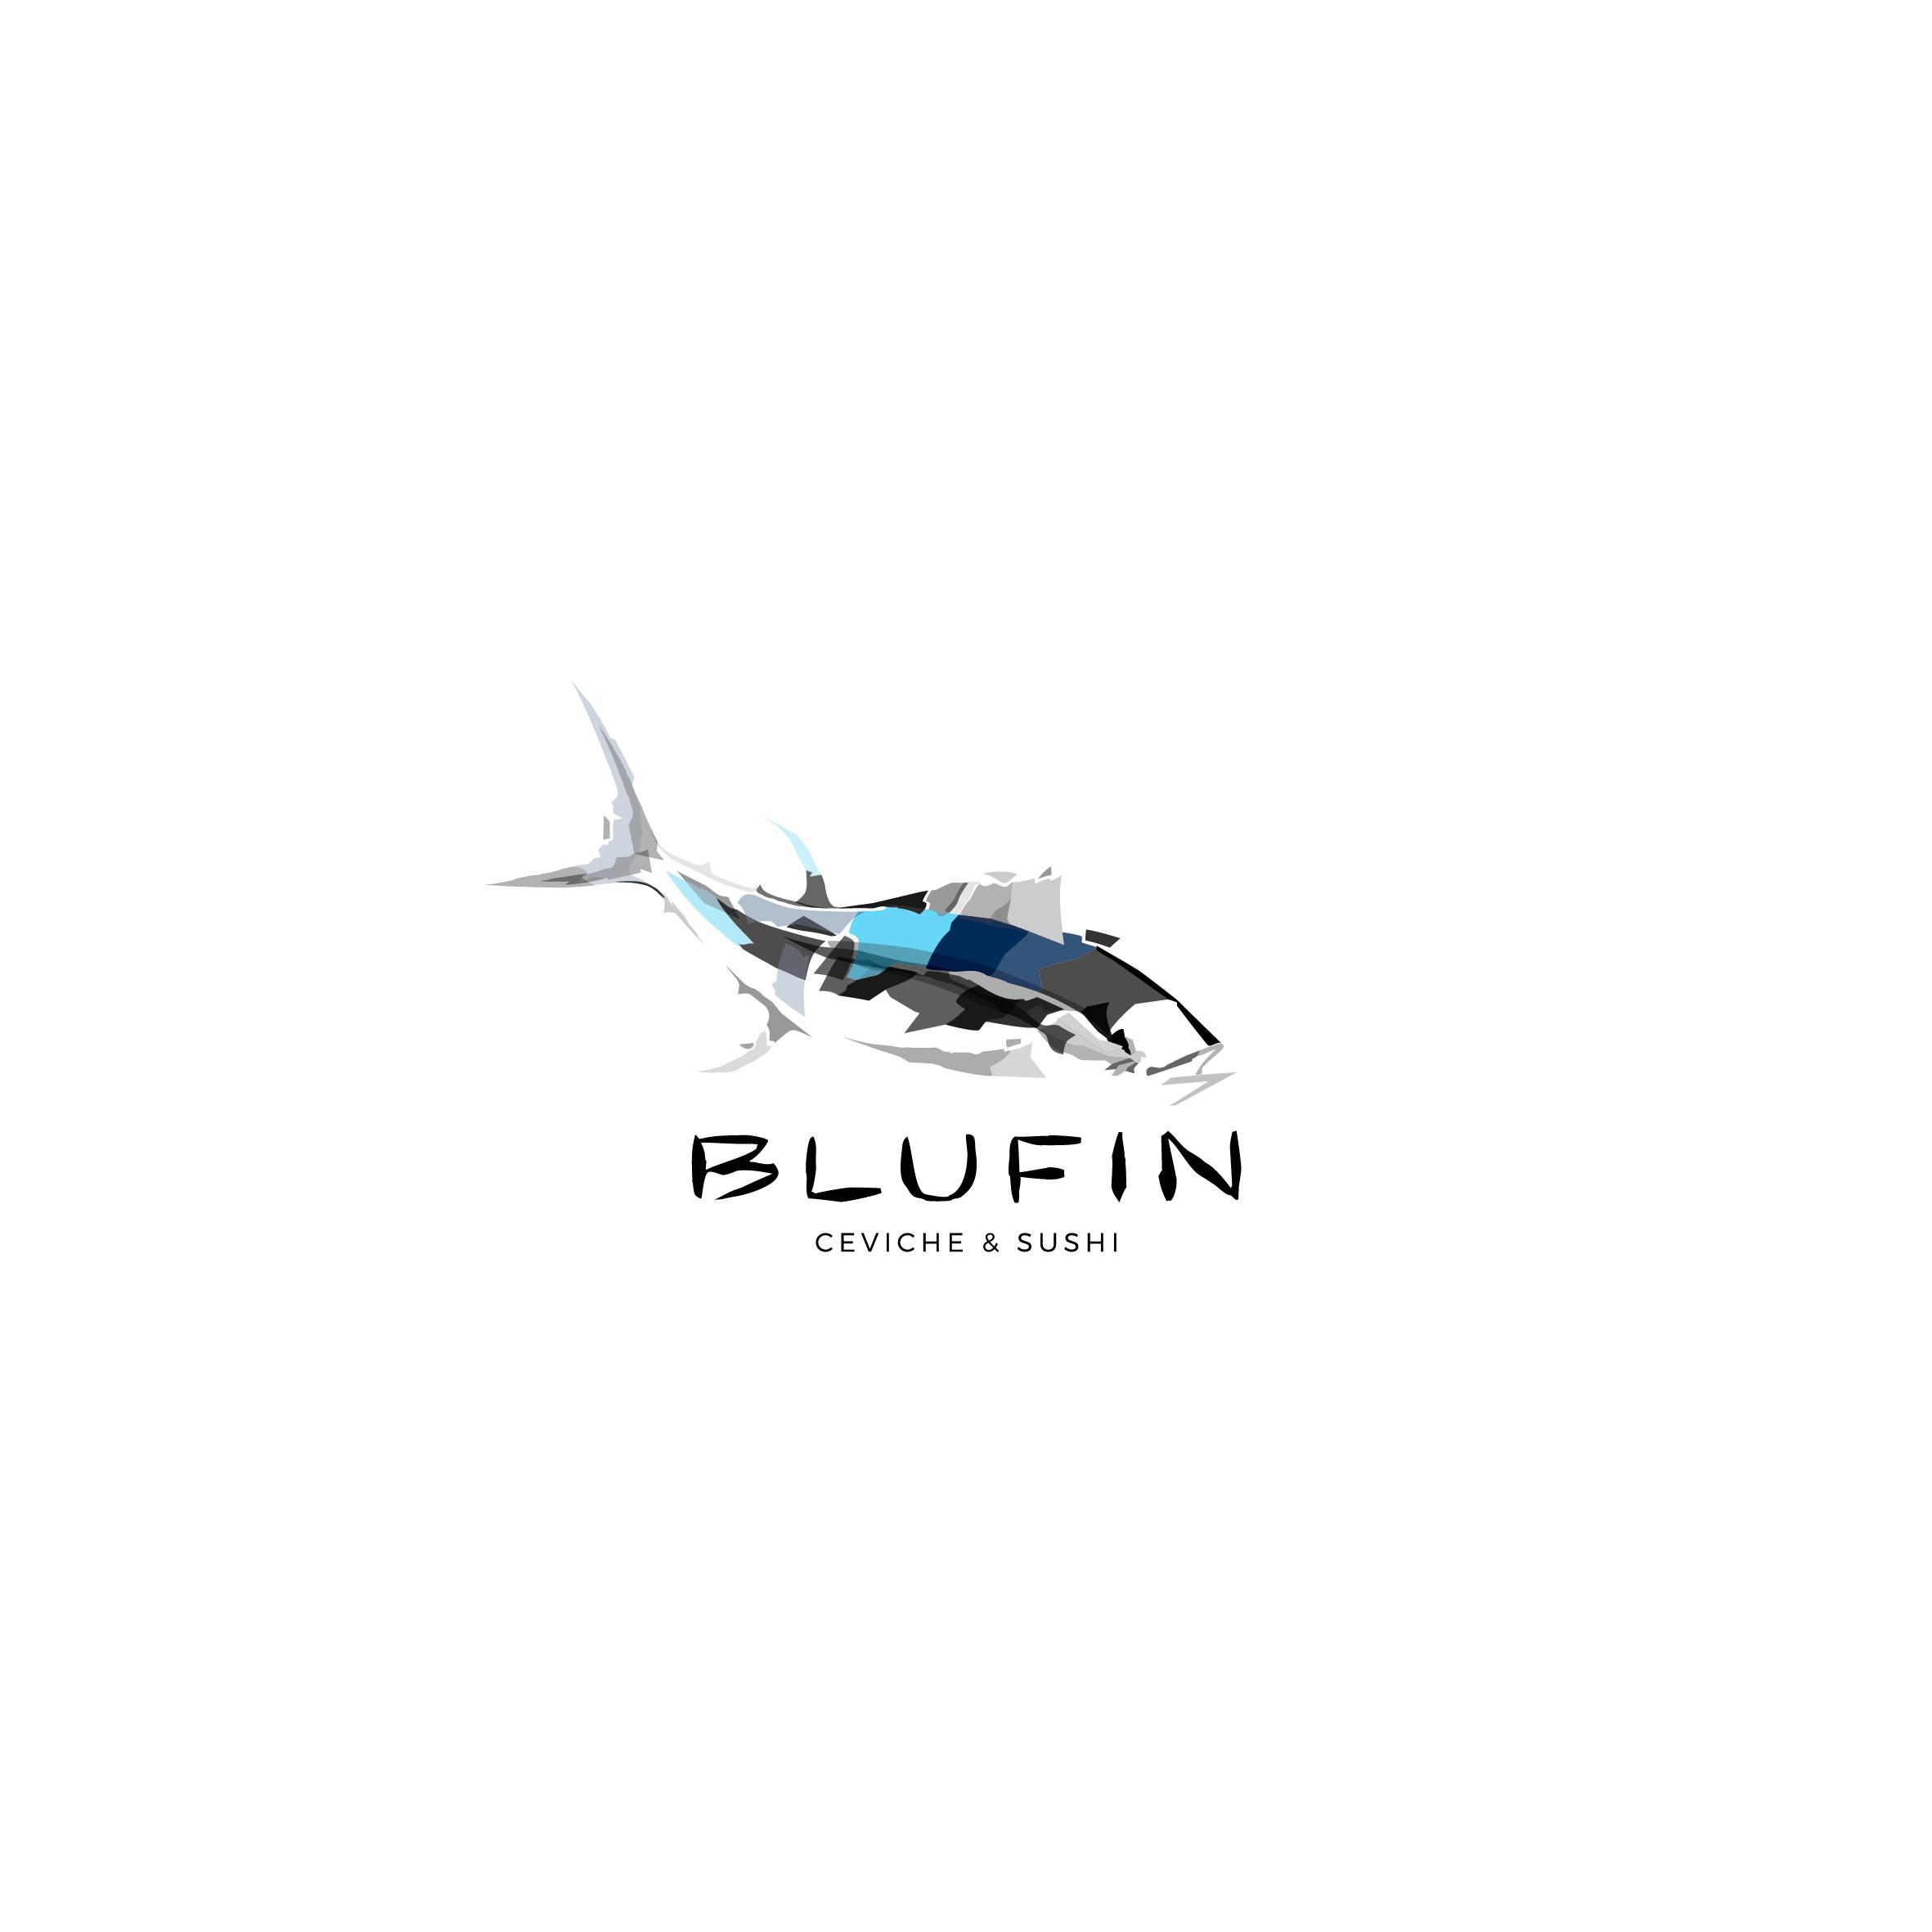 Blufin / bluefin ceviche & sushi